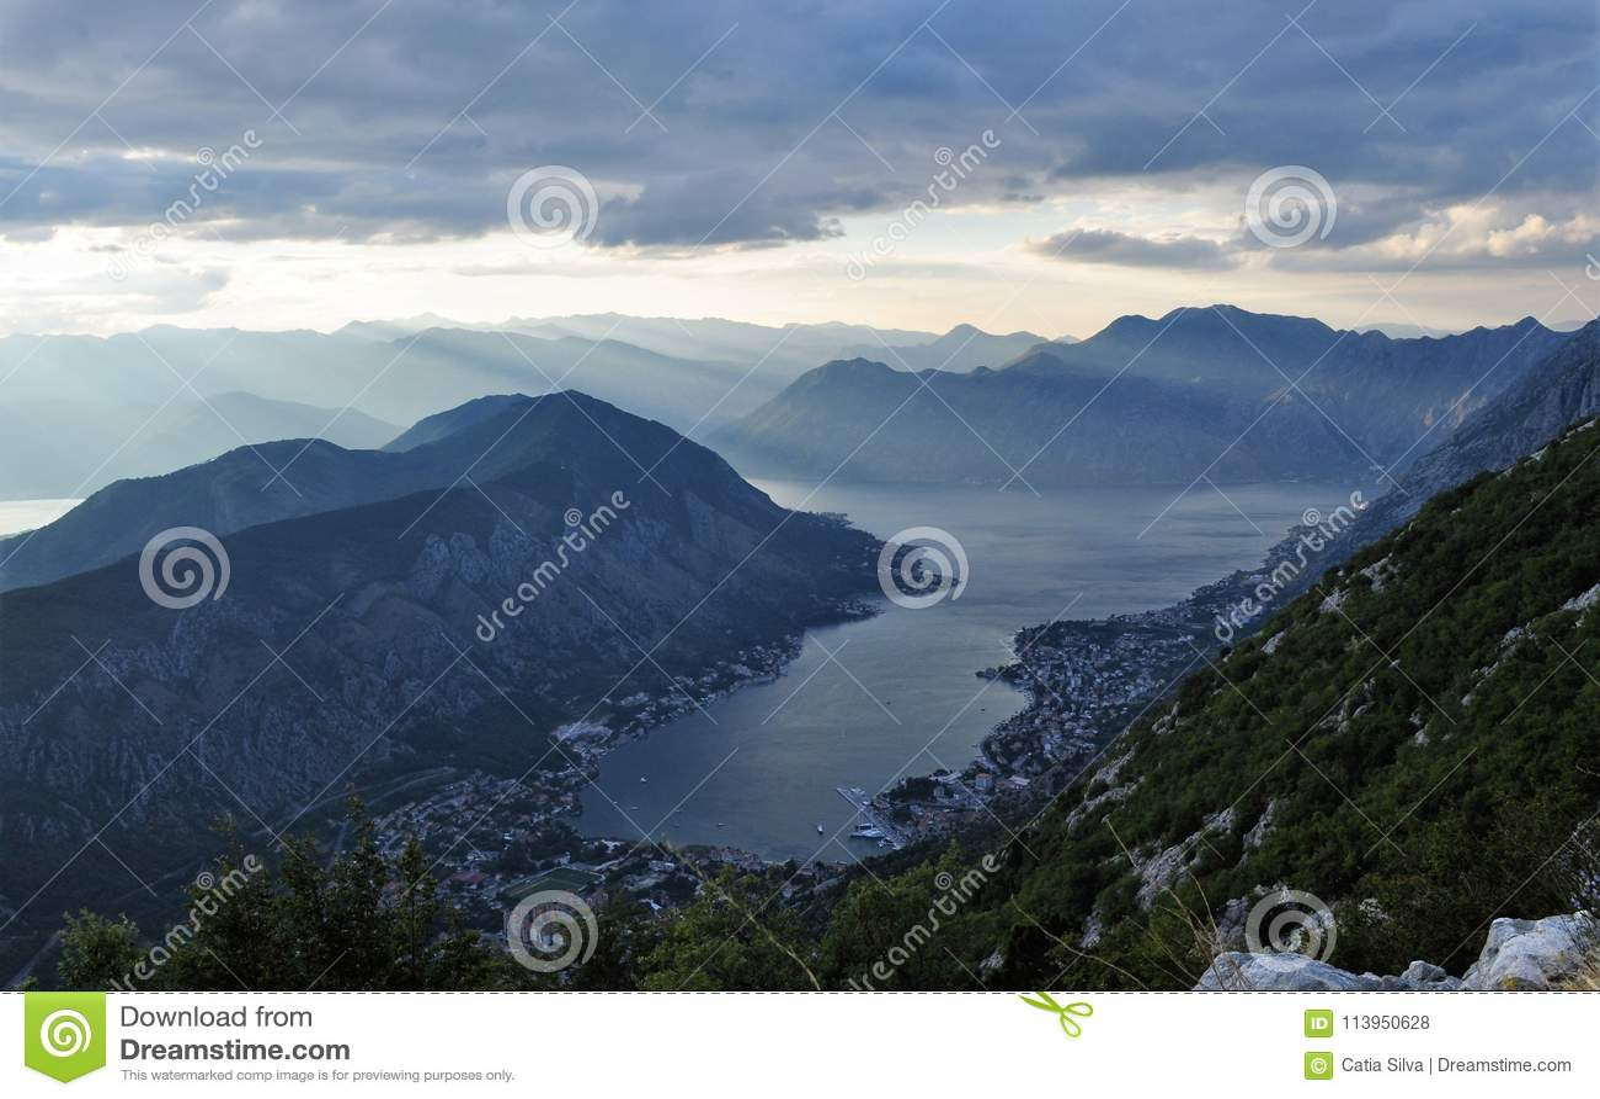 Raios de sol que iluminam a cidade e a baía de Kotor